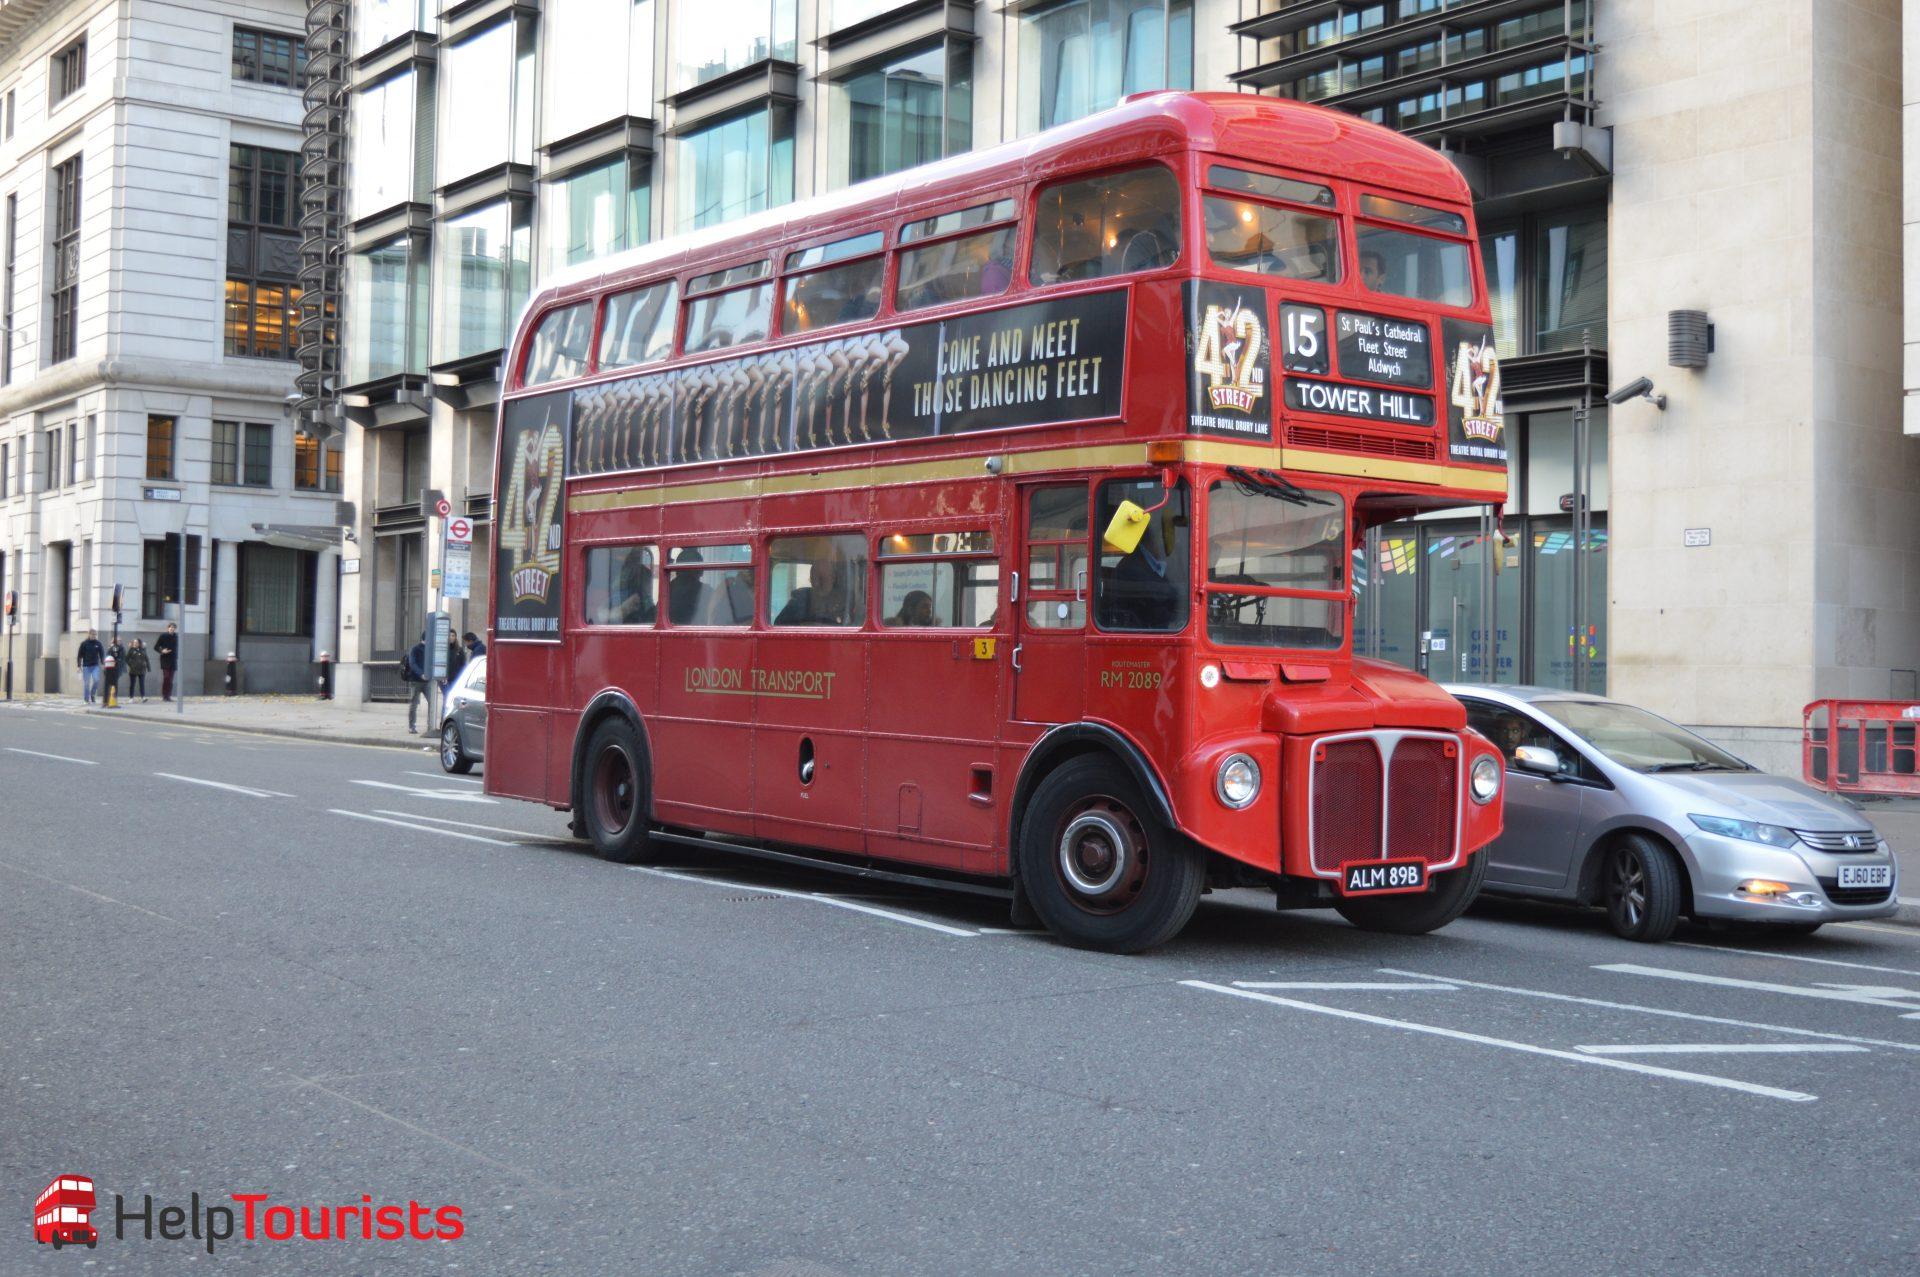 London Doppeldeckerbus (öffentliche Verkehrsmittel)